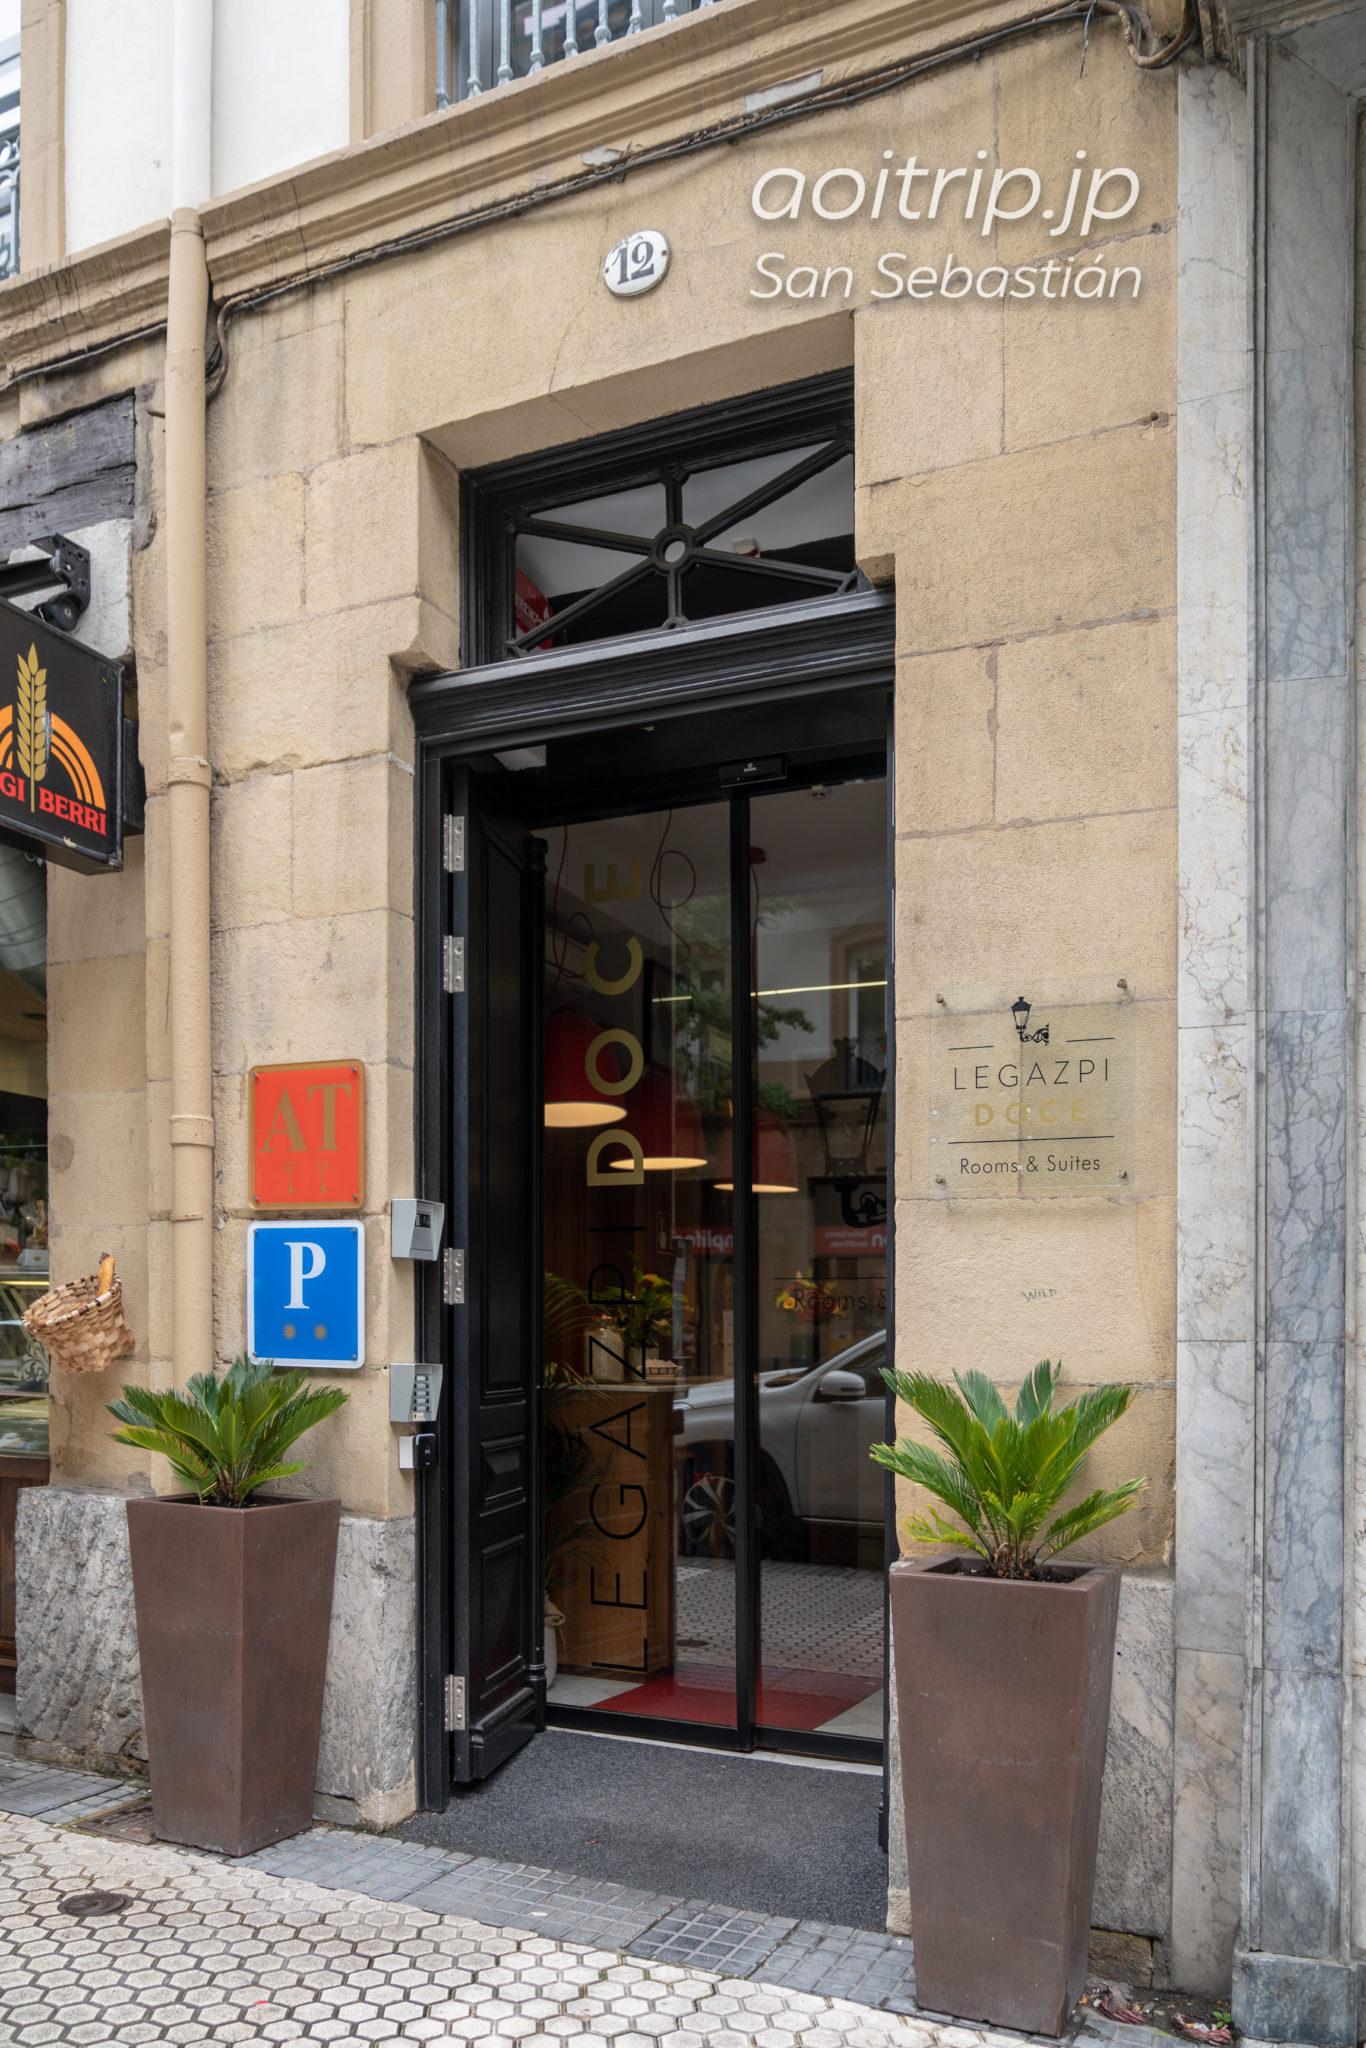 レガスピ ドーセ ルームズ サンセバスティアンのホテル入り口